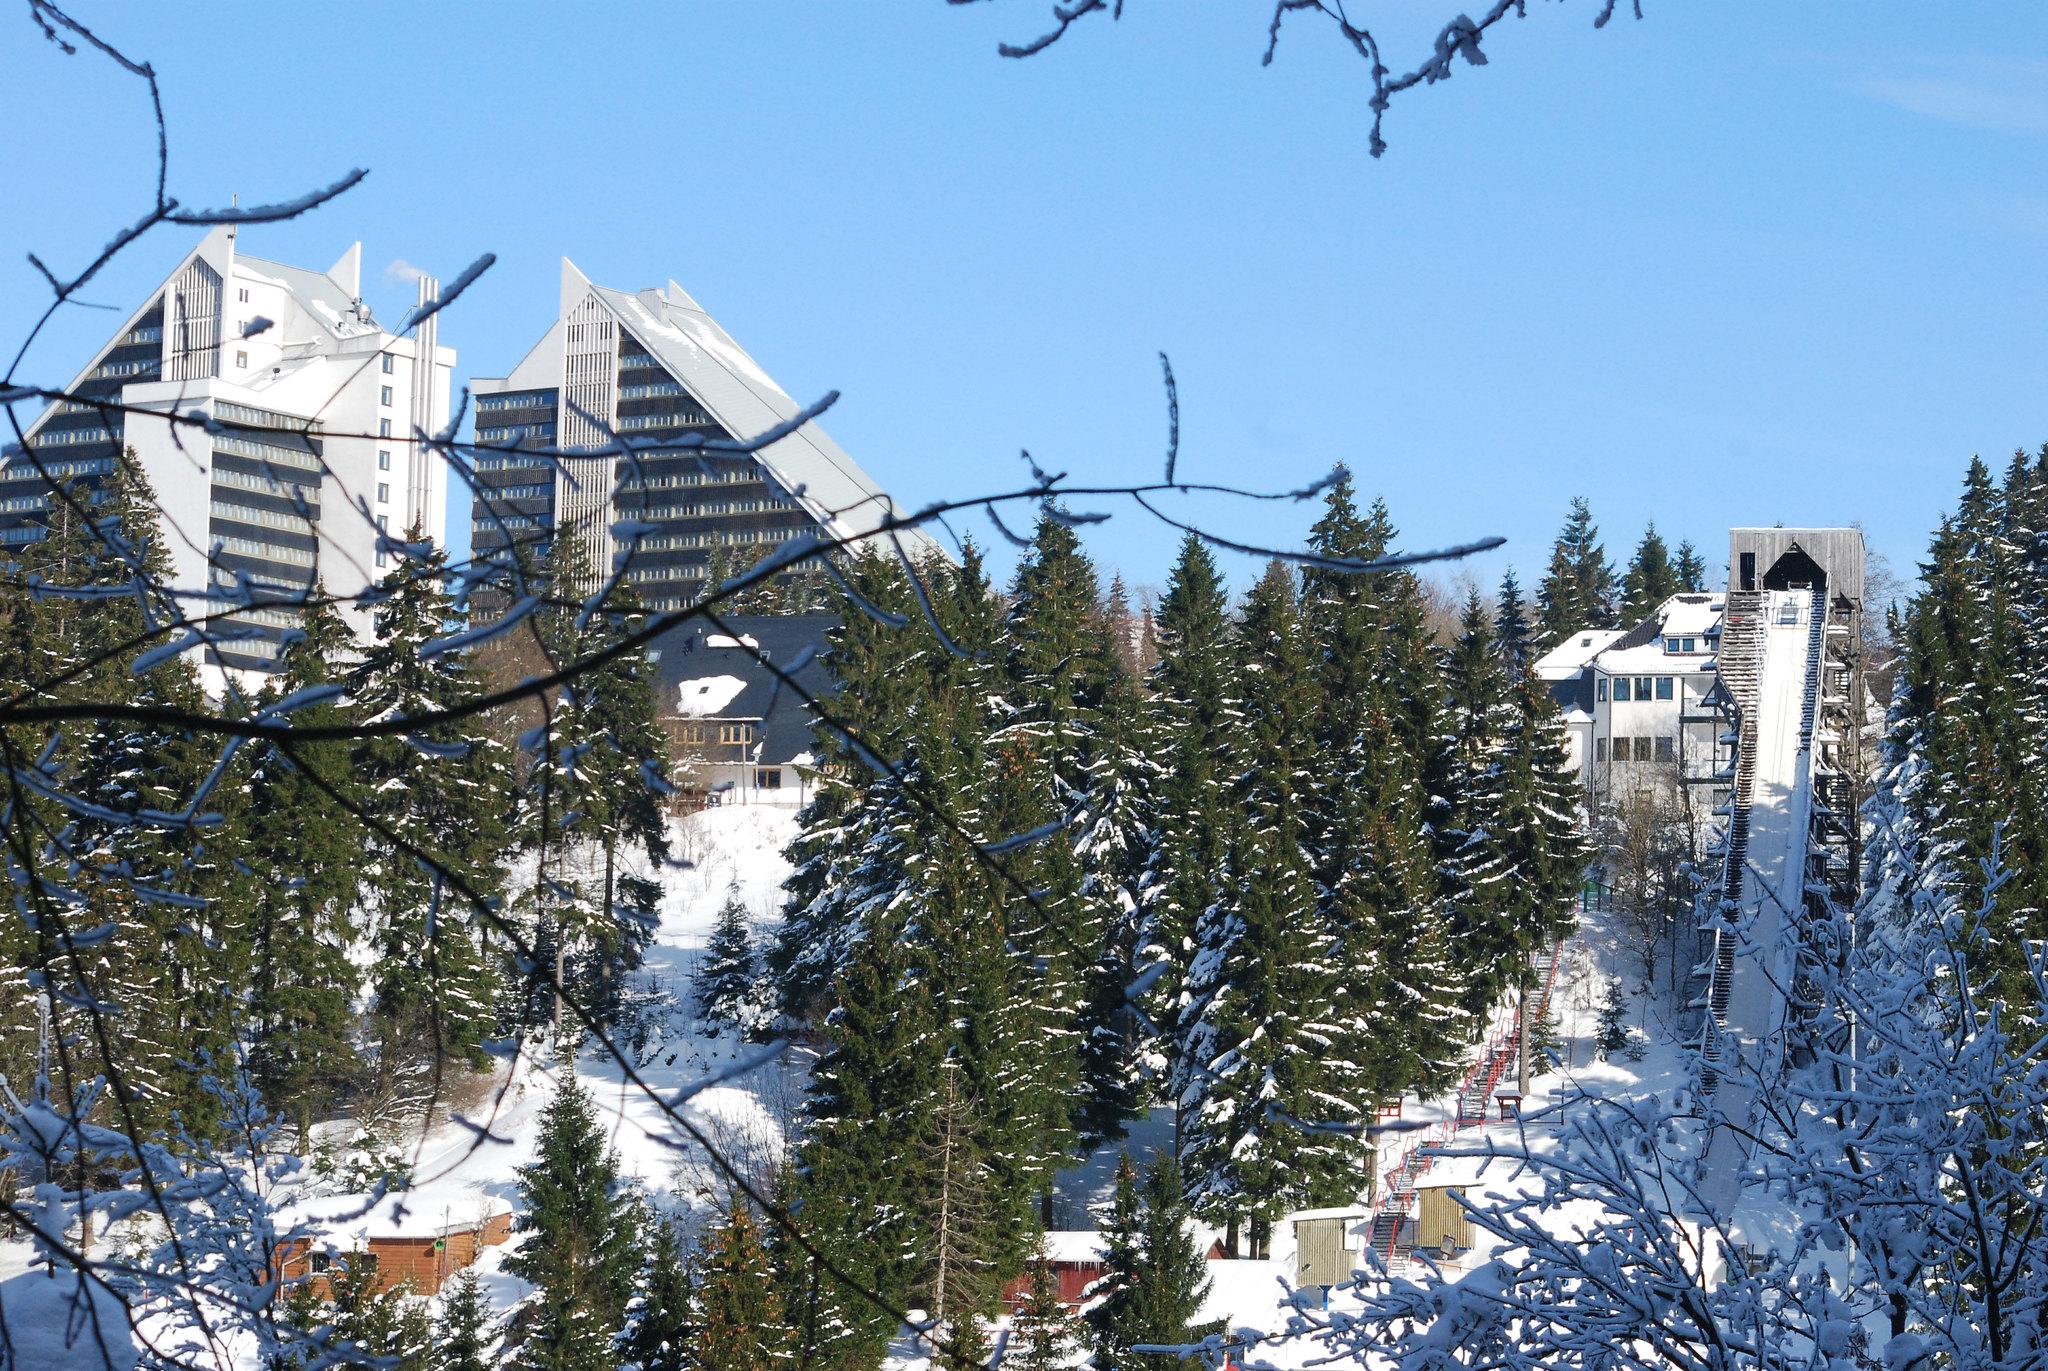 Ferienregion Oberhof Flickr